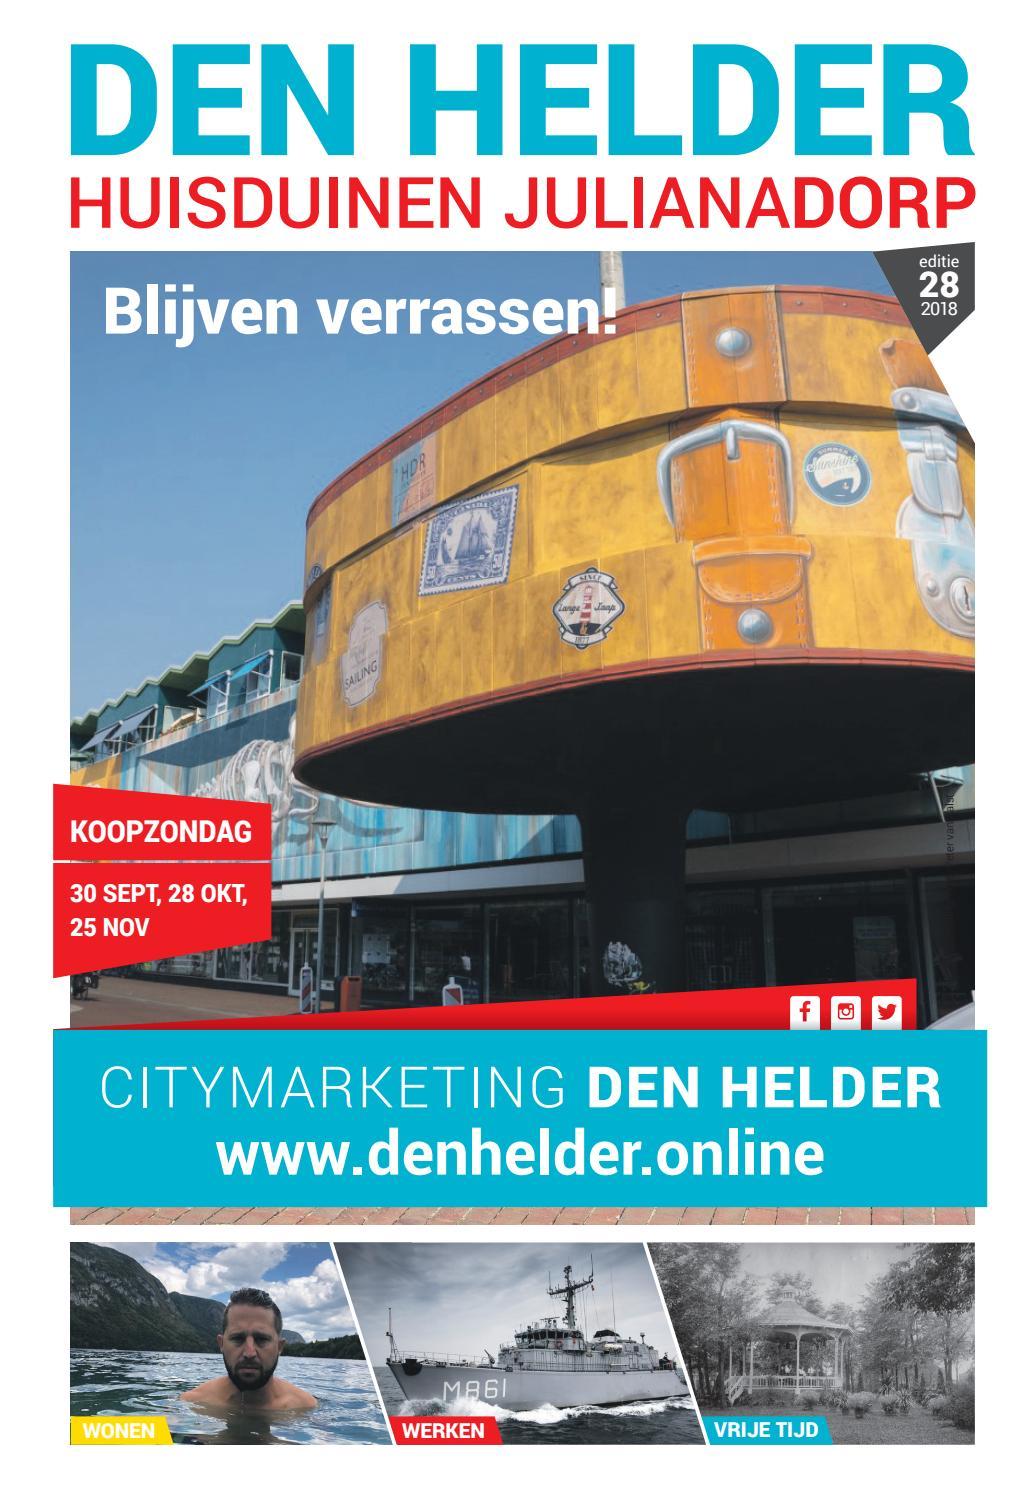 Den Helder Huisduinen Julianadorp editie 28 by Zeeman